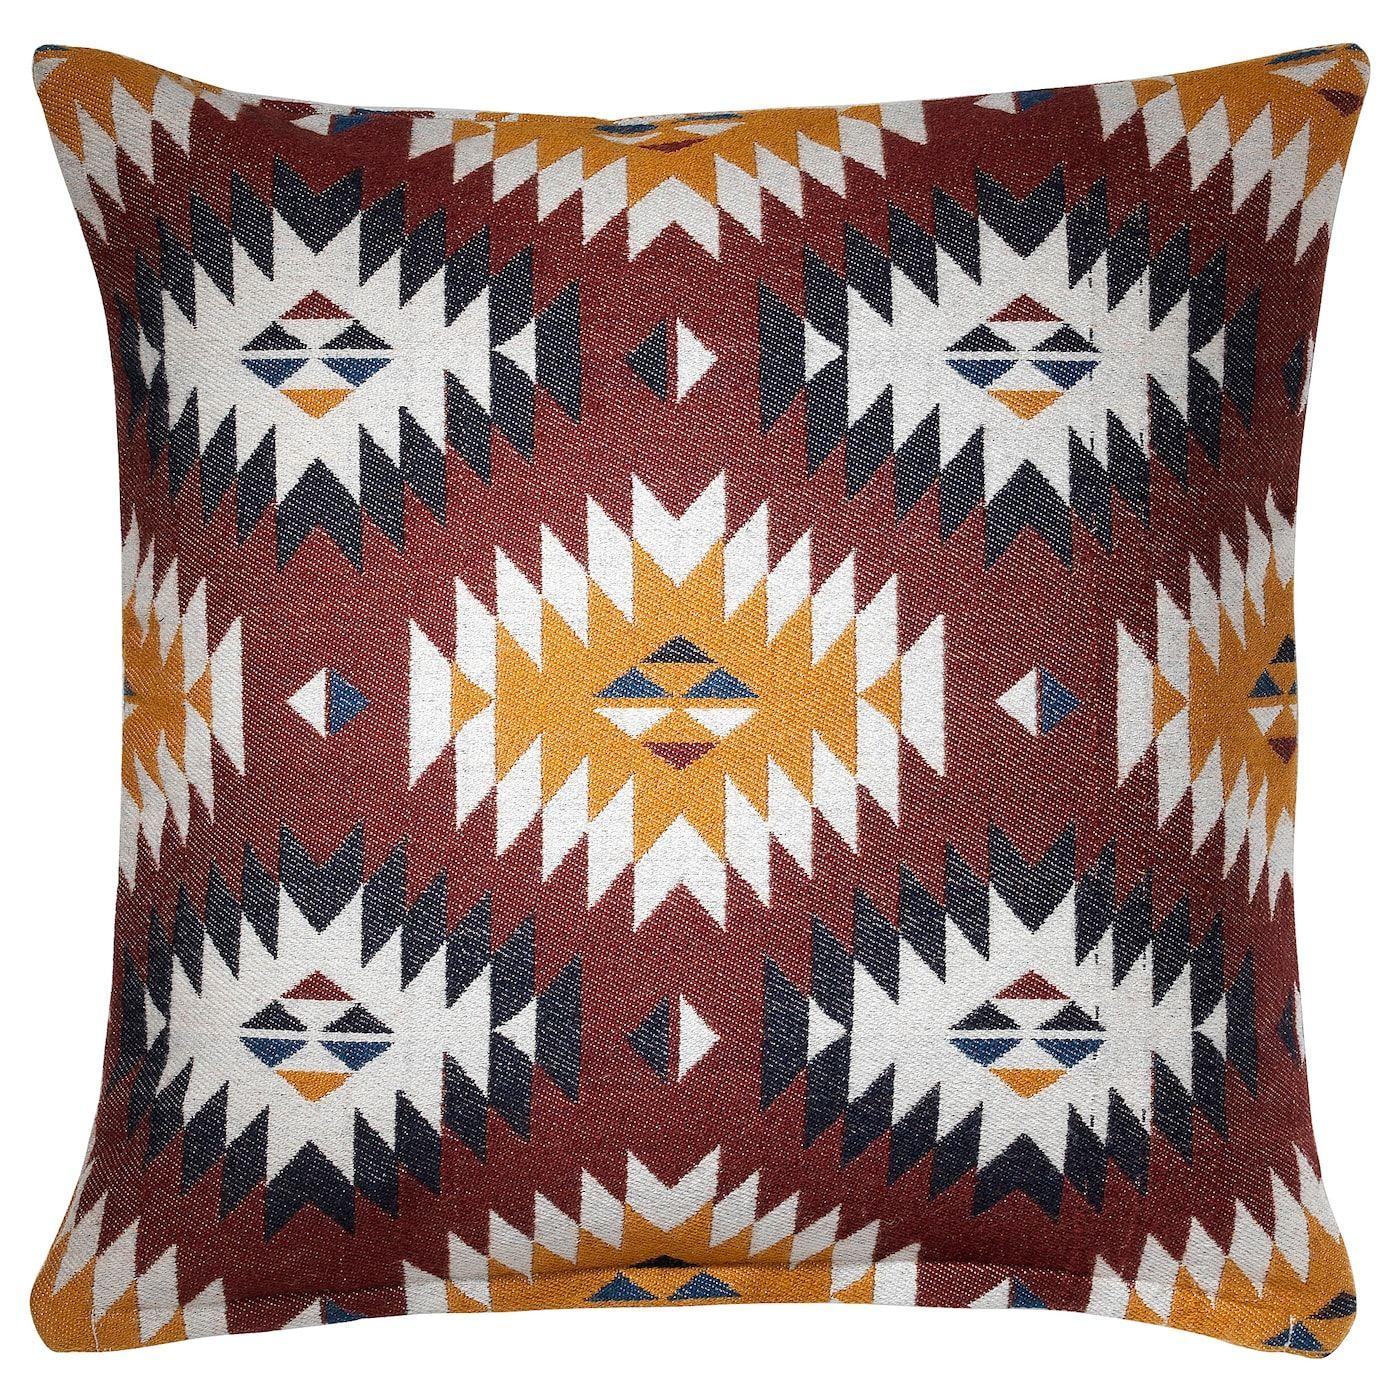 Fransine Kuddfodral Flerfargad 50x50 Cm Ikea Kuddar Och Textiler